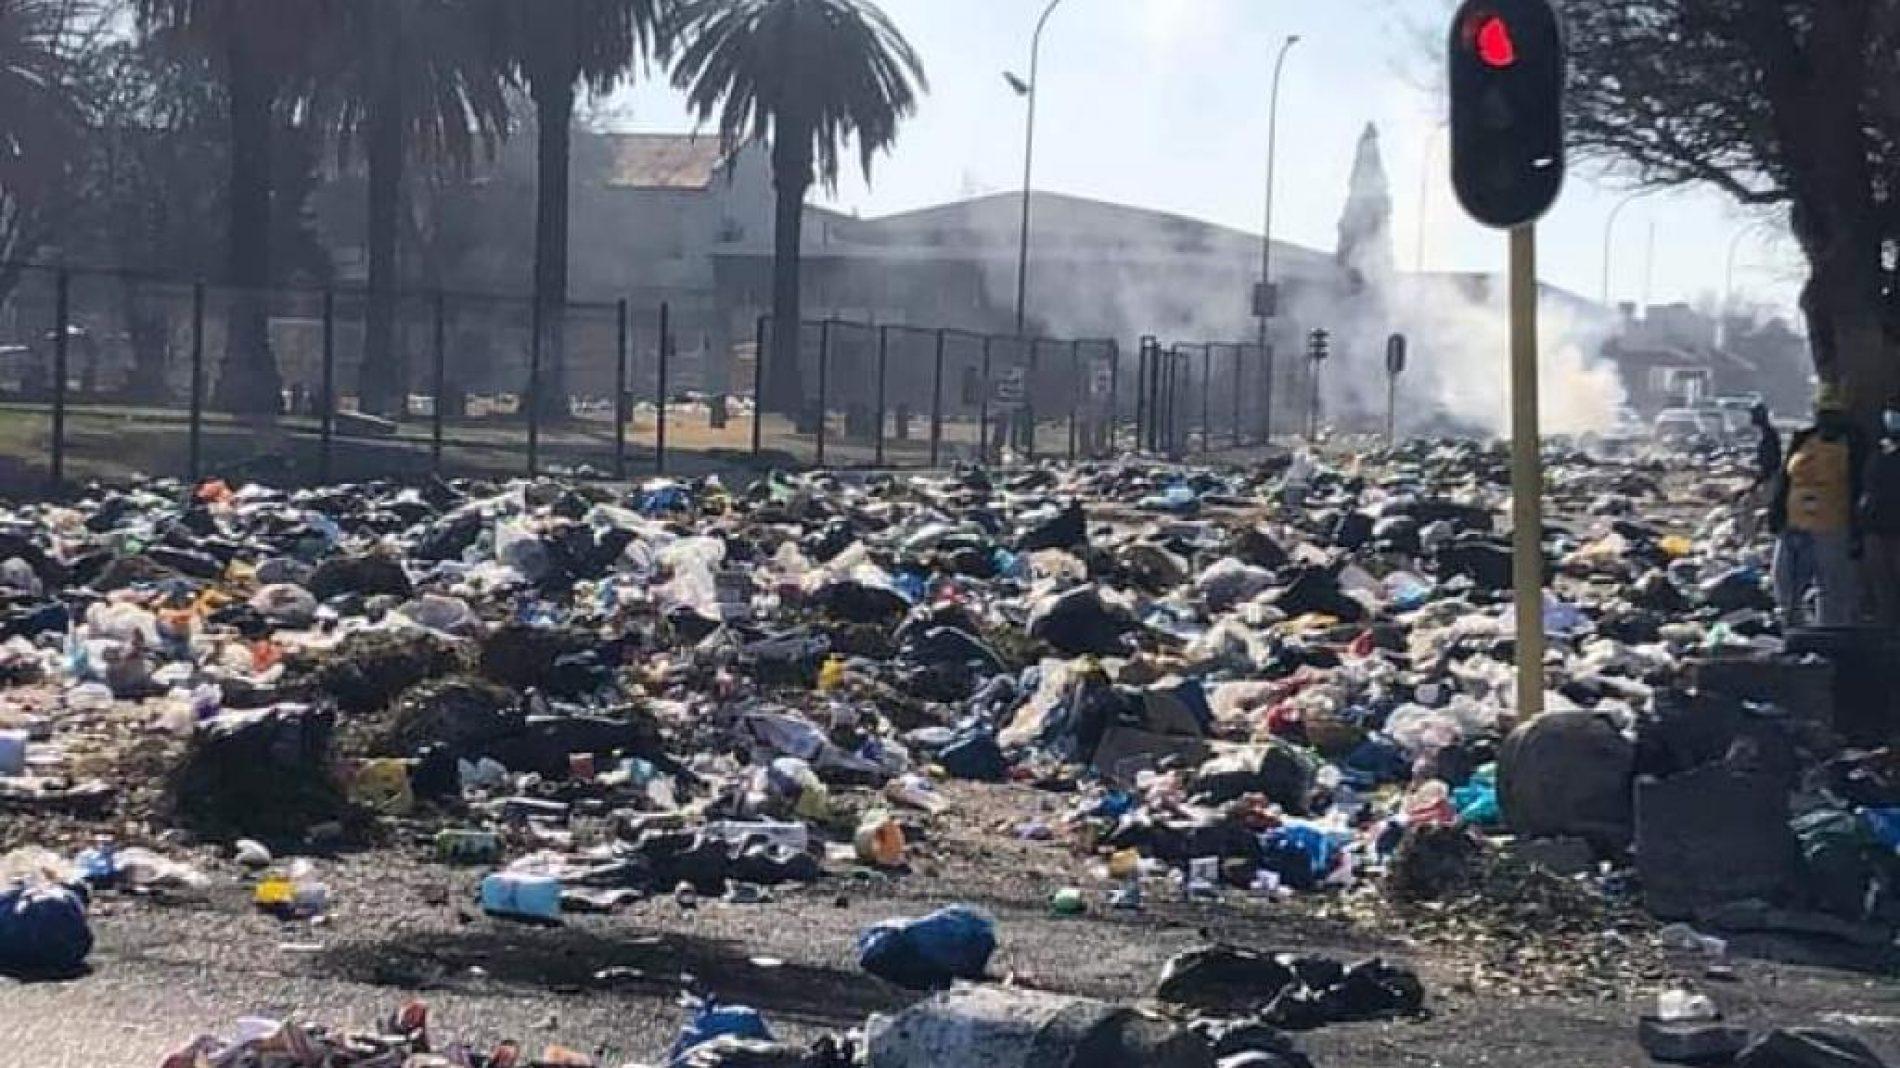 Afrique du Sud: Standerton croule sous les déchets suite à une grève des agents municipaux